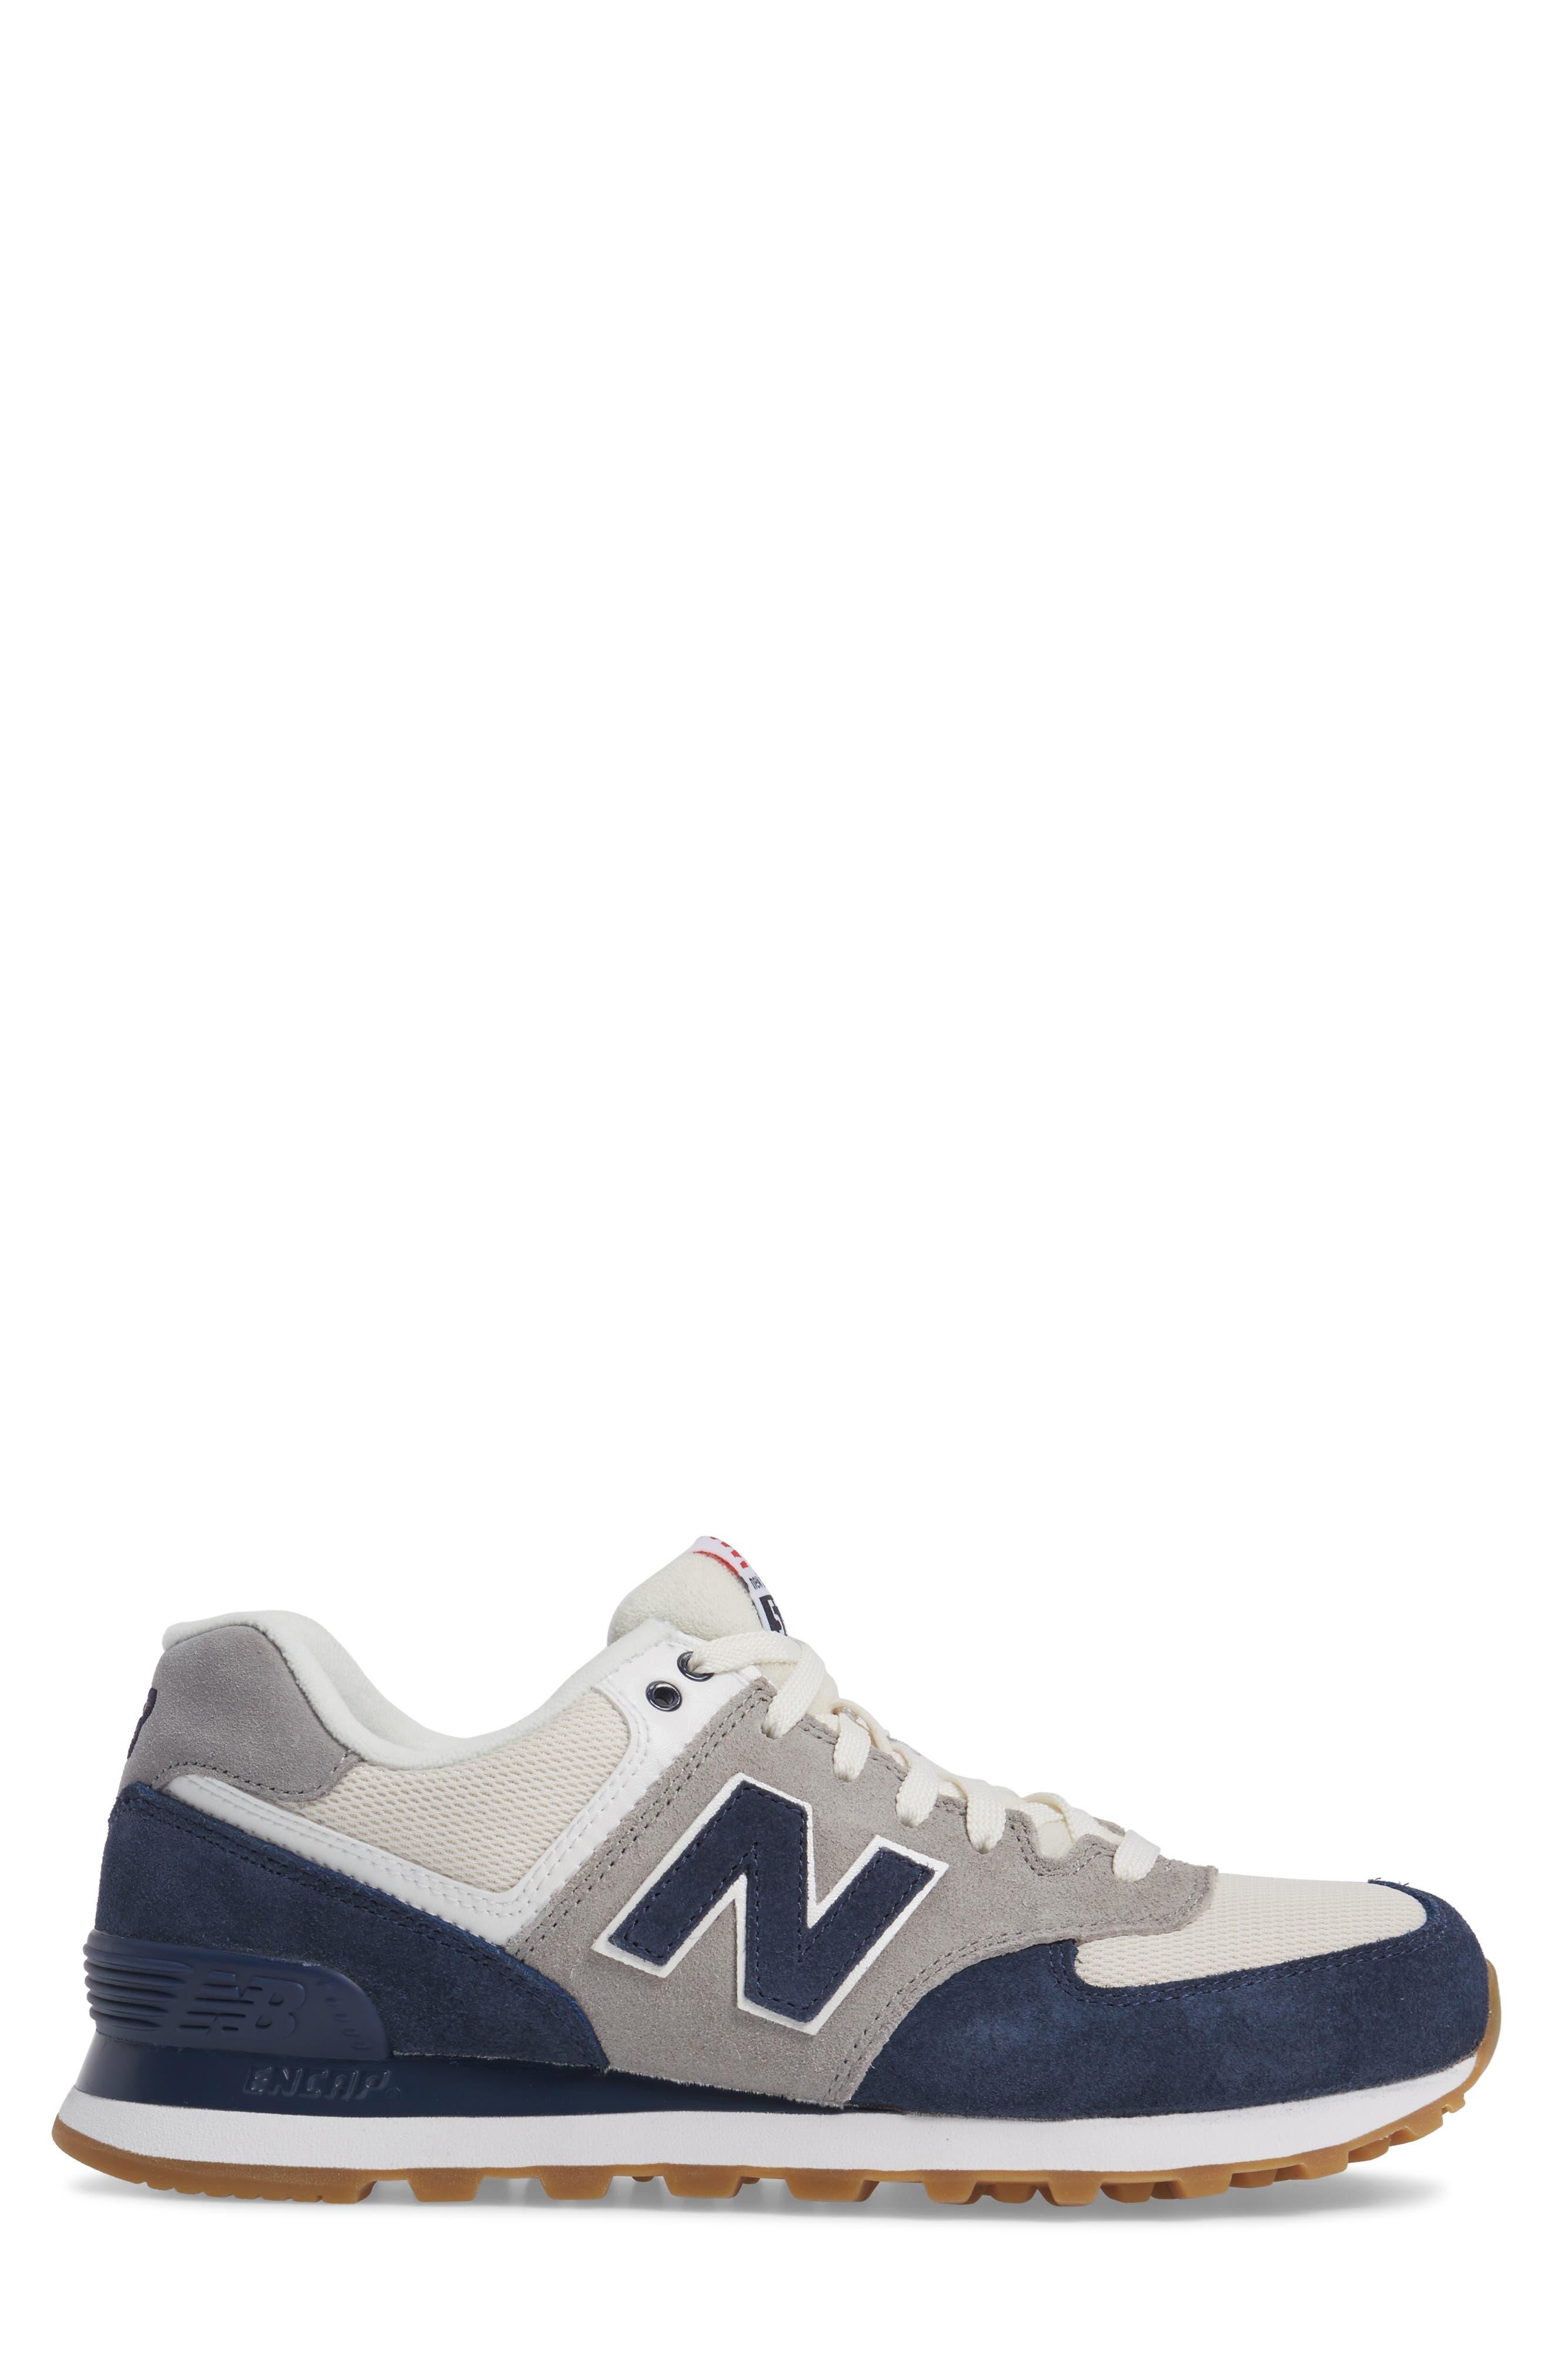 Alternate Image 3  - New Balance 574 Retro Sport Sneaker (Men)